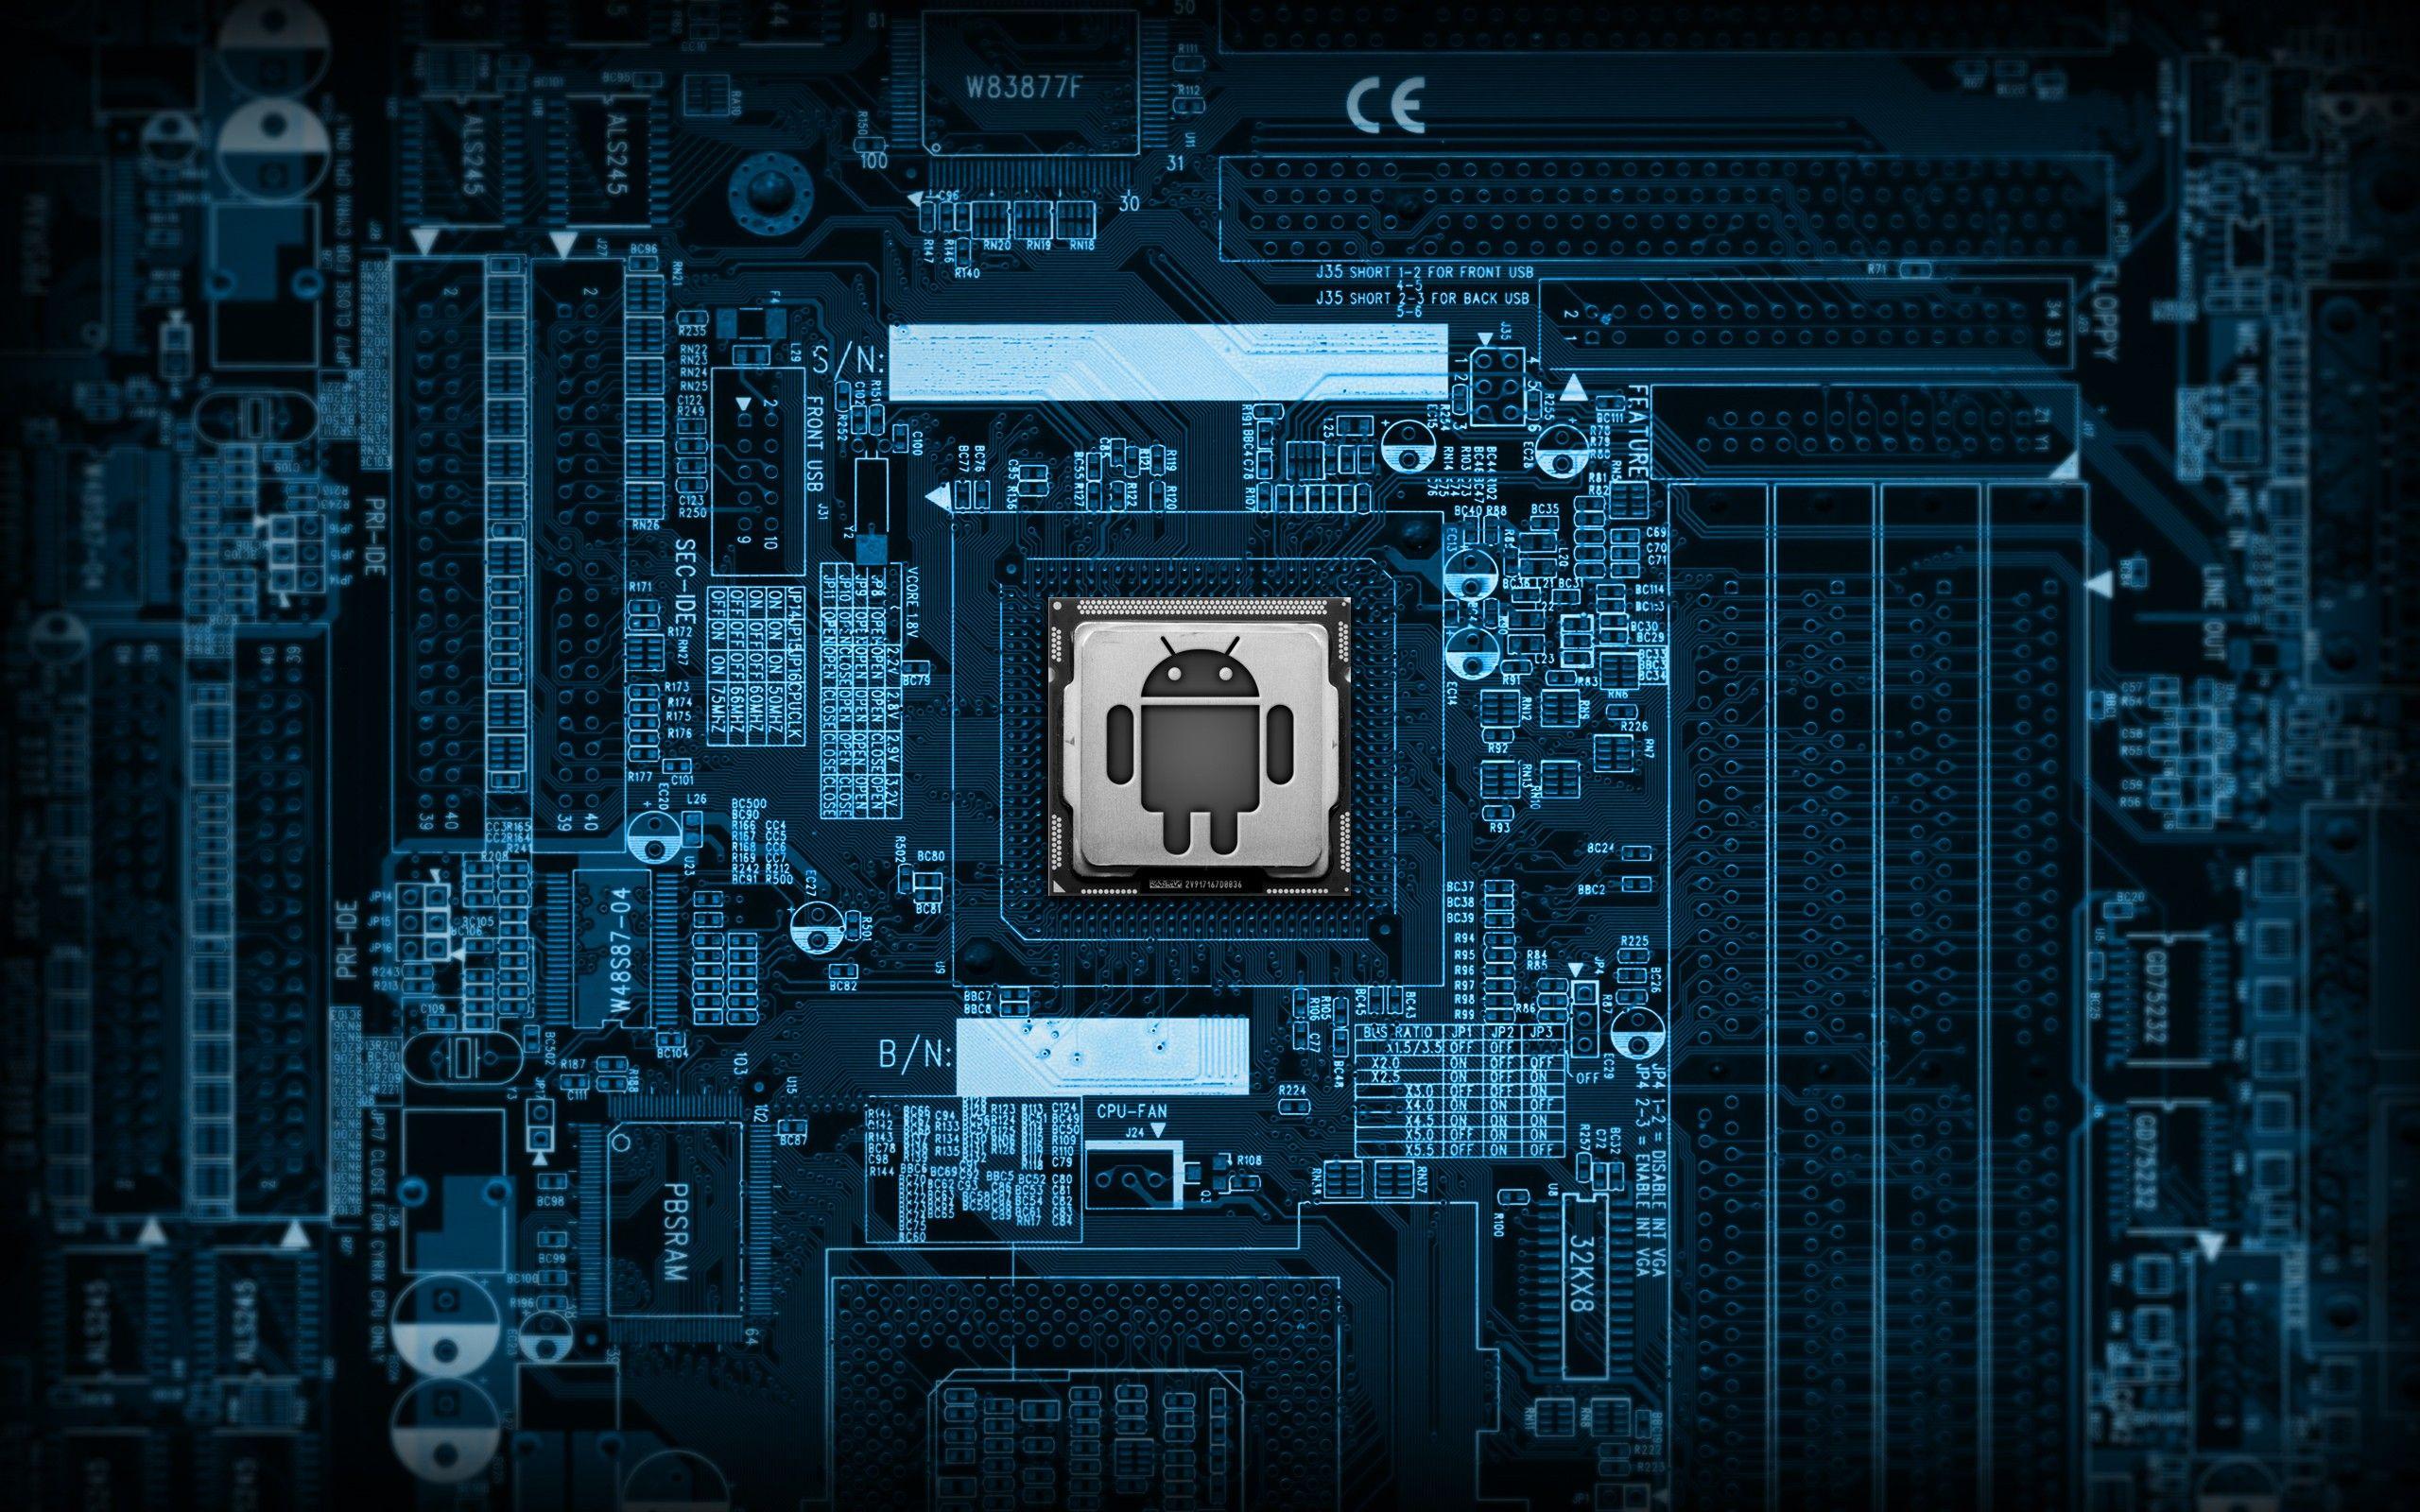 Android Sistemi Durduruldu Ne Demek